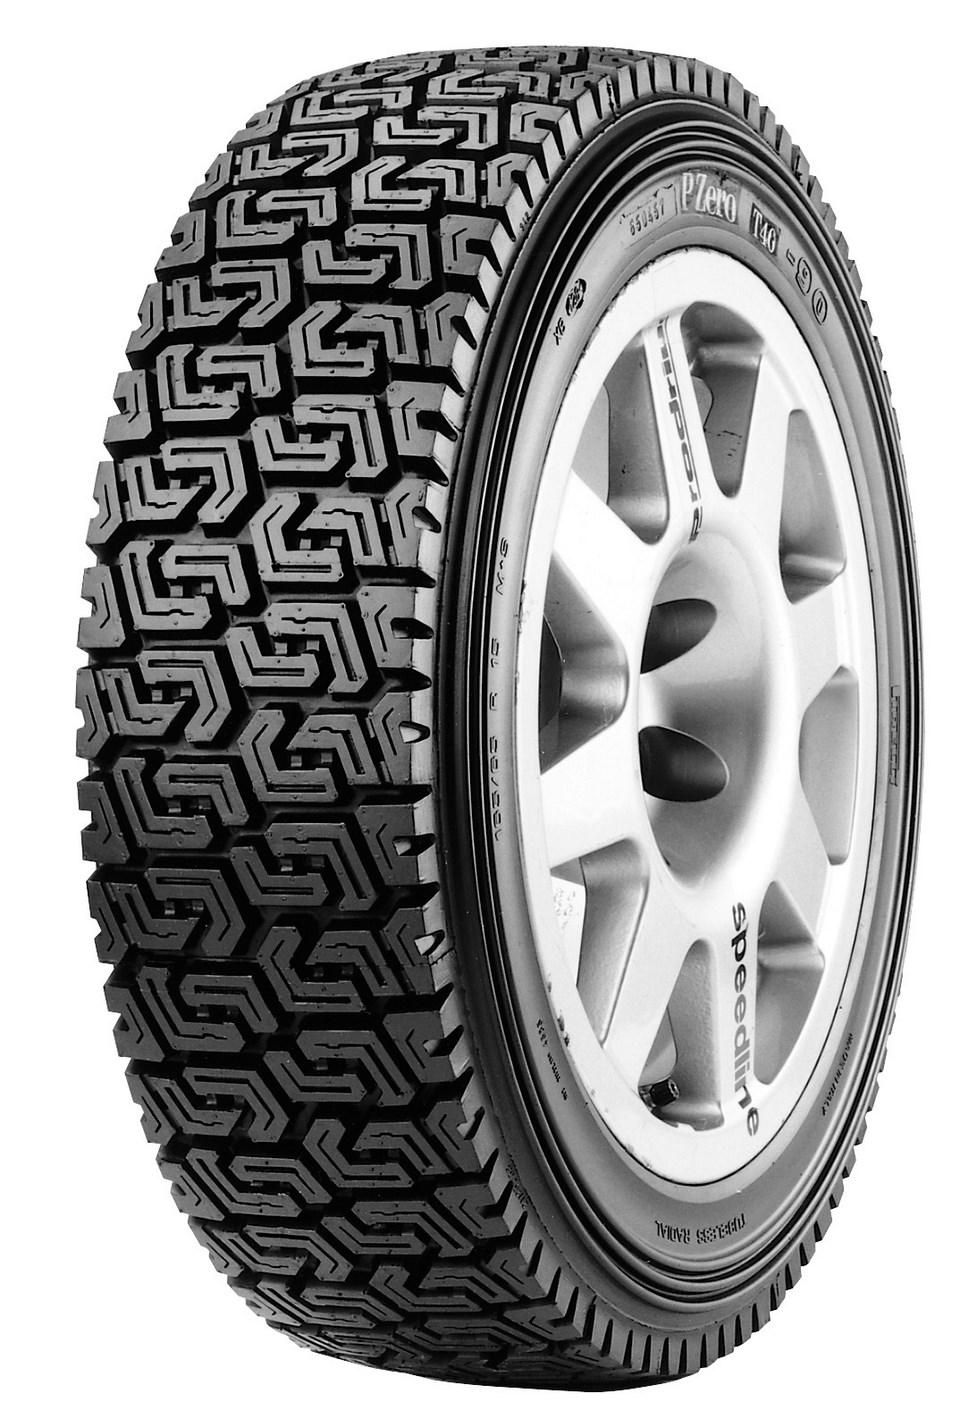 Pirelli T4 Tire